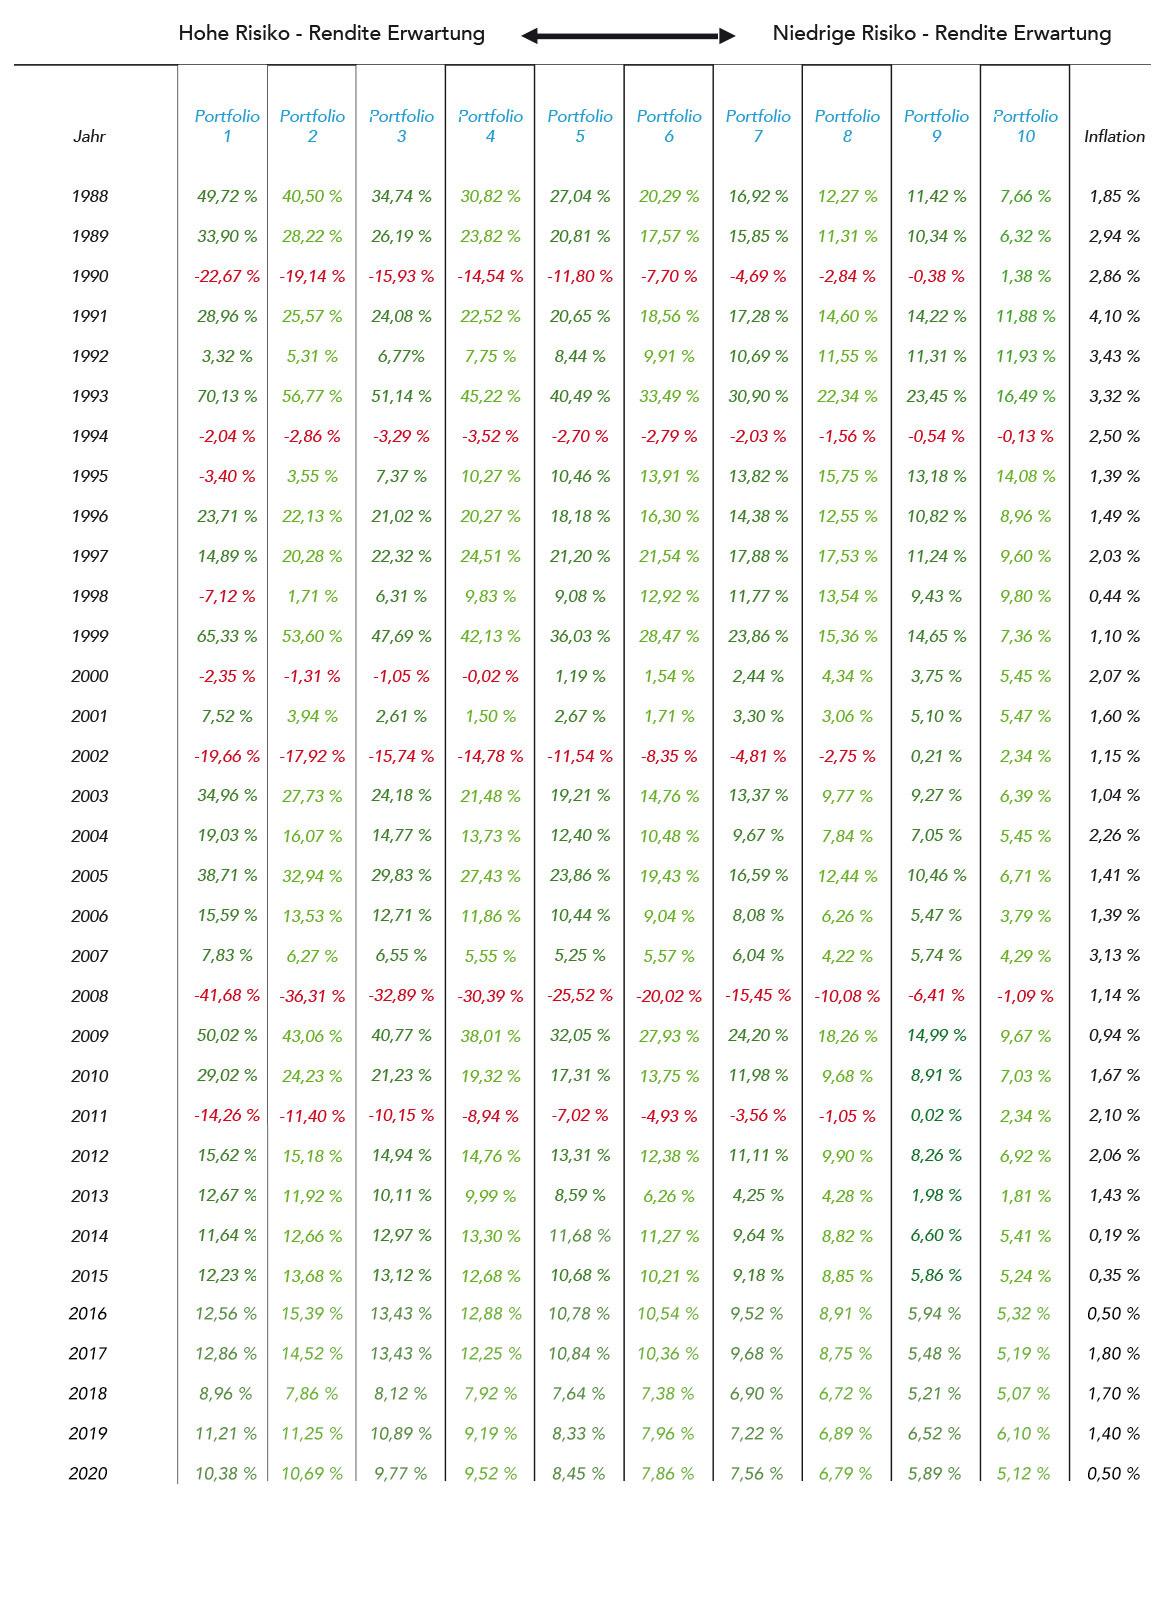 Renditen und Gewinne GZ Invest nach Kosten